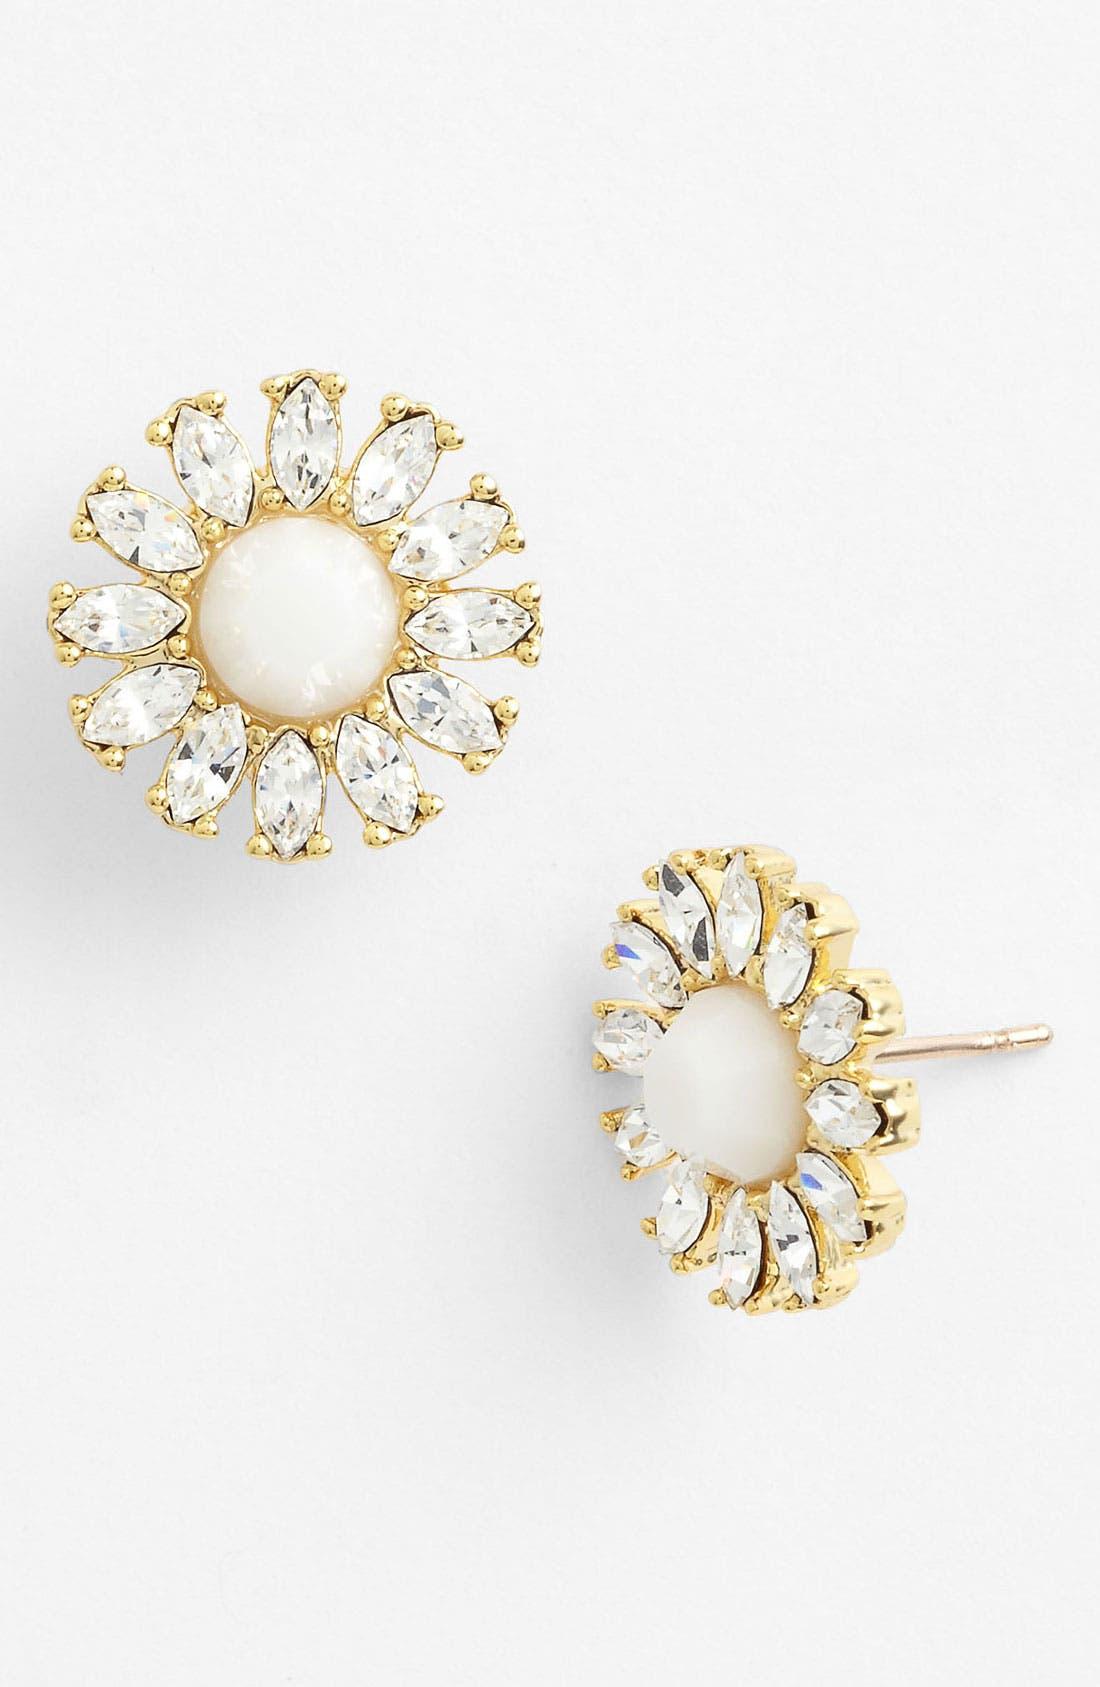 Main Image - kate spade new york 'estate garden' stud earrings